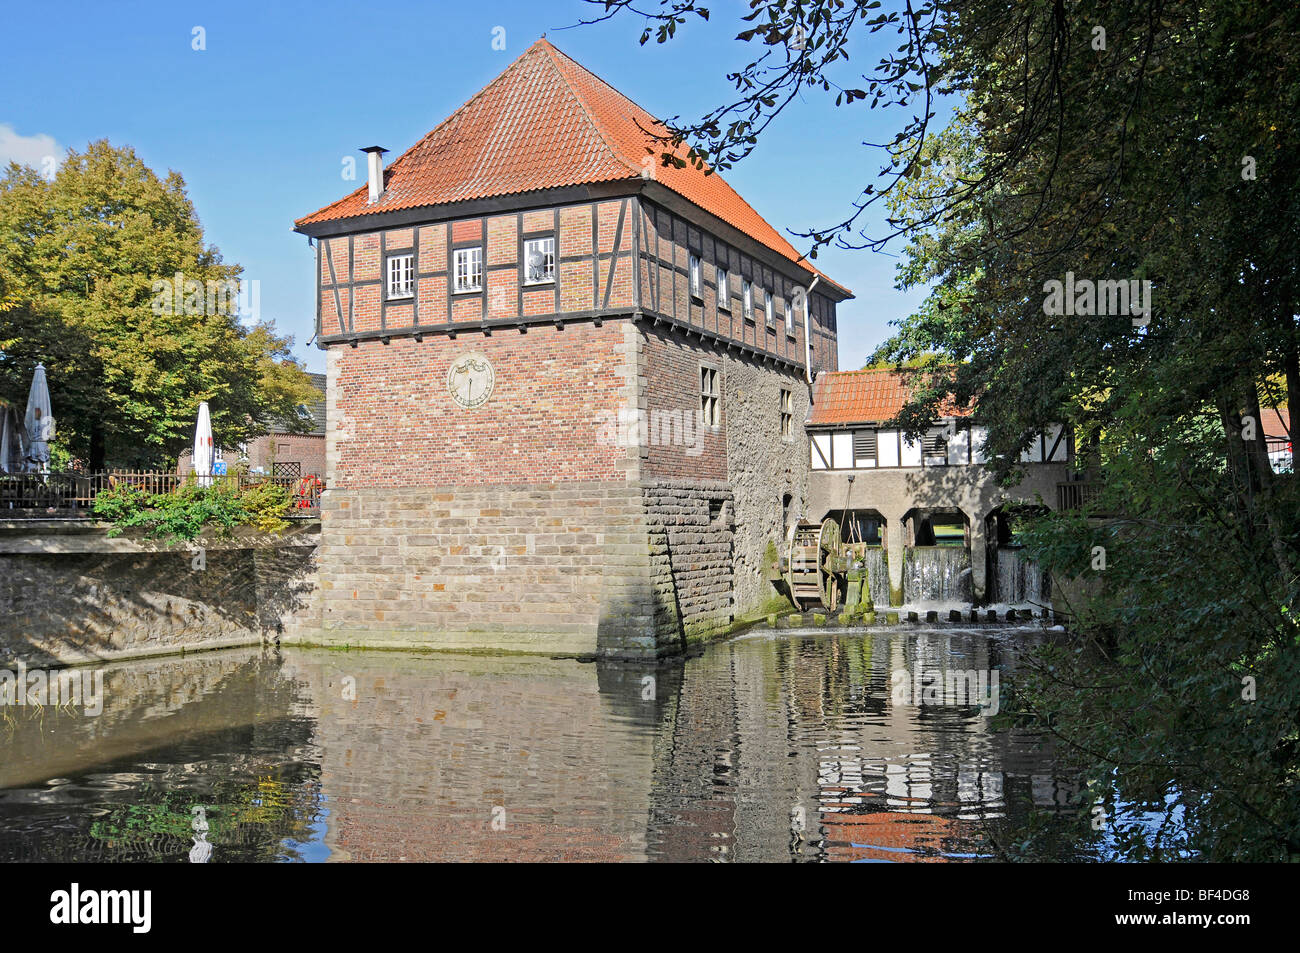 Water mill, Stever River, Luedinghausen, Coesfeld, Muensterland, North Rhine-Westphalia, Germany, Europe - Stock Image